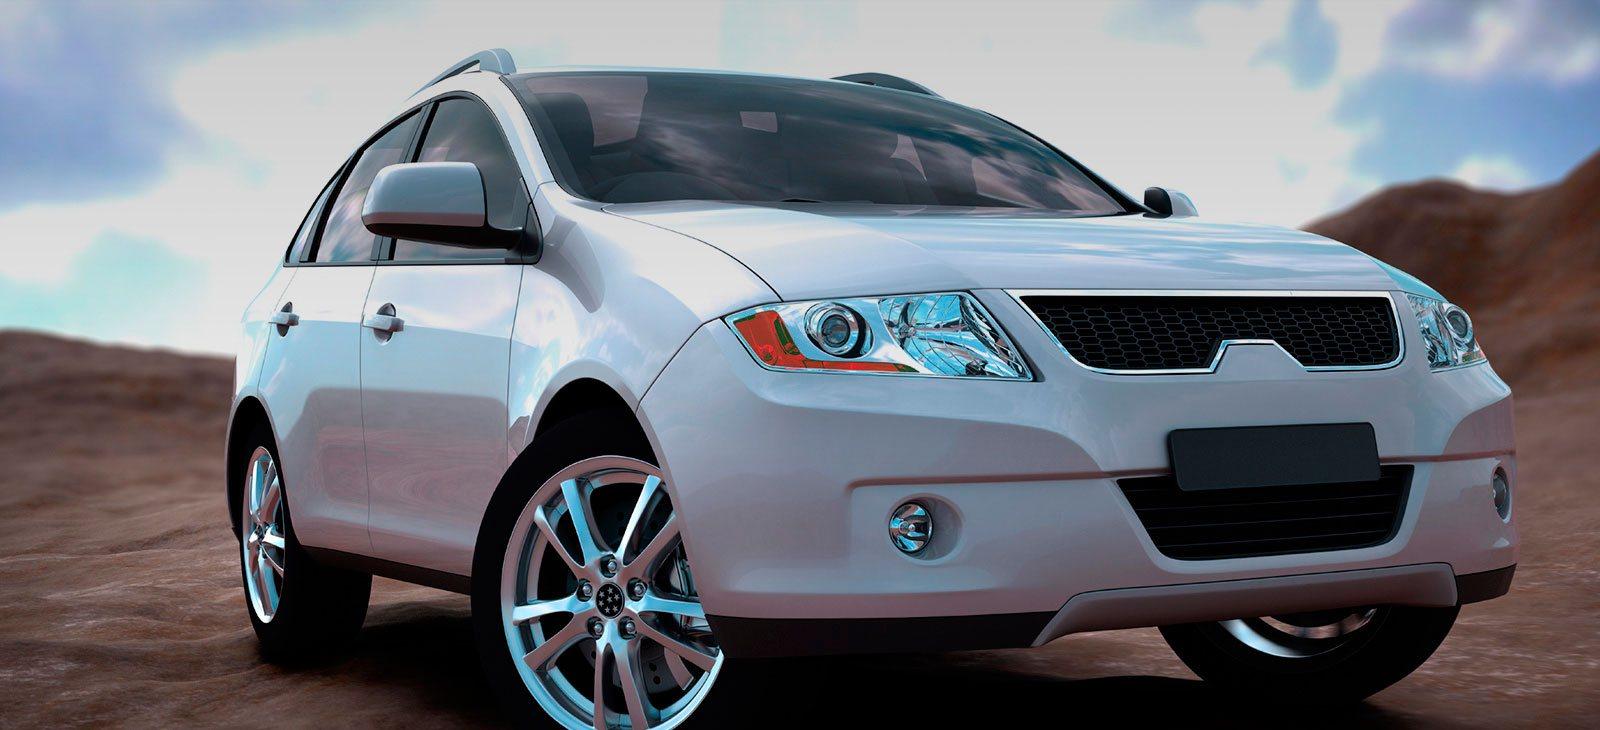 Struers automotive solutions